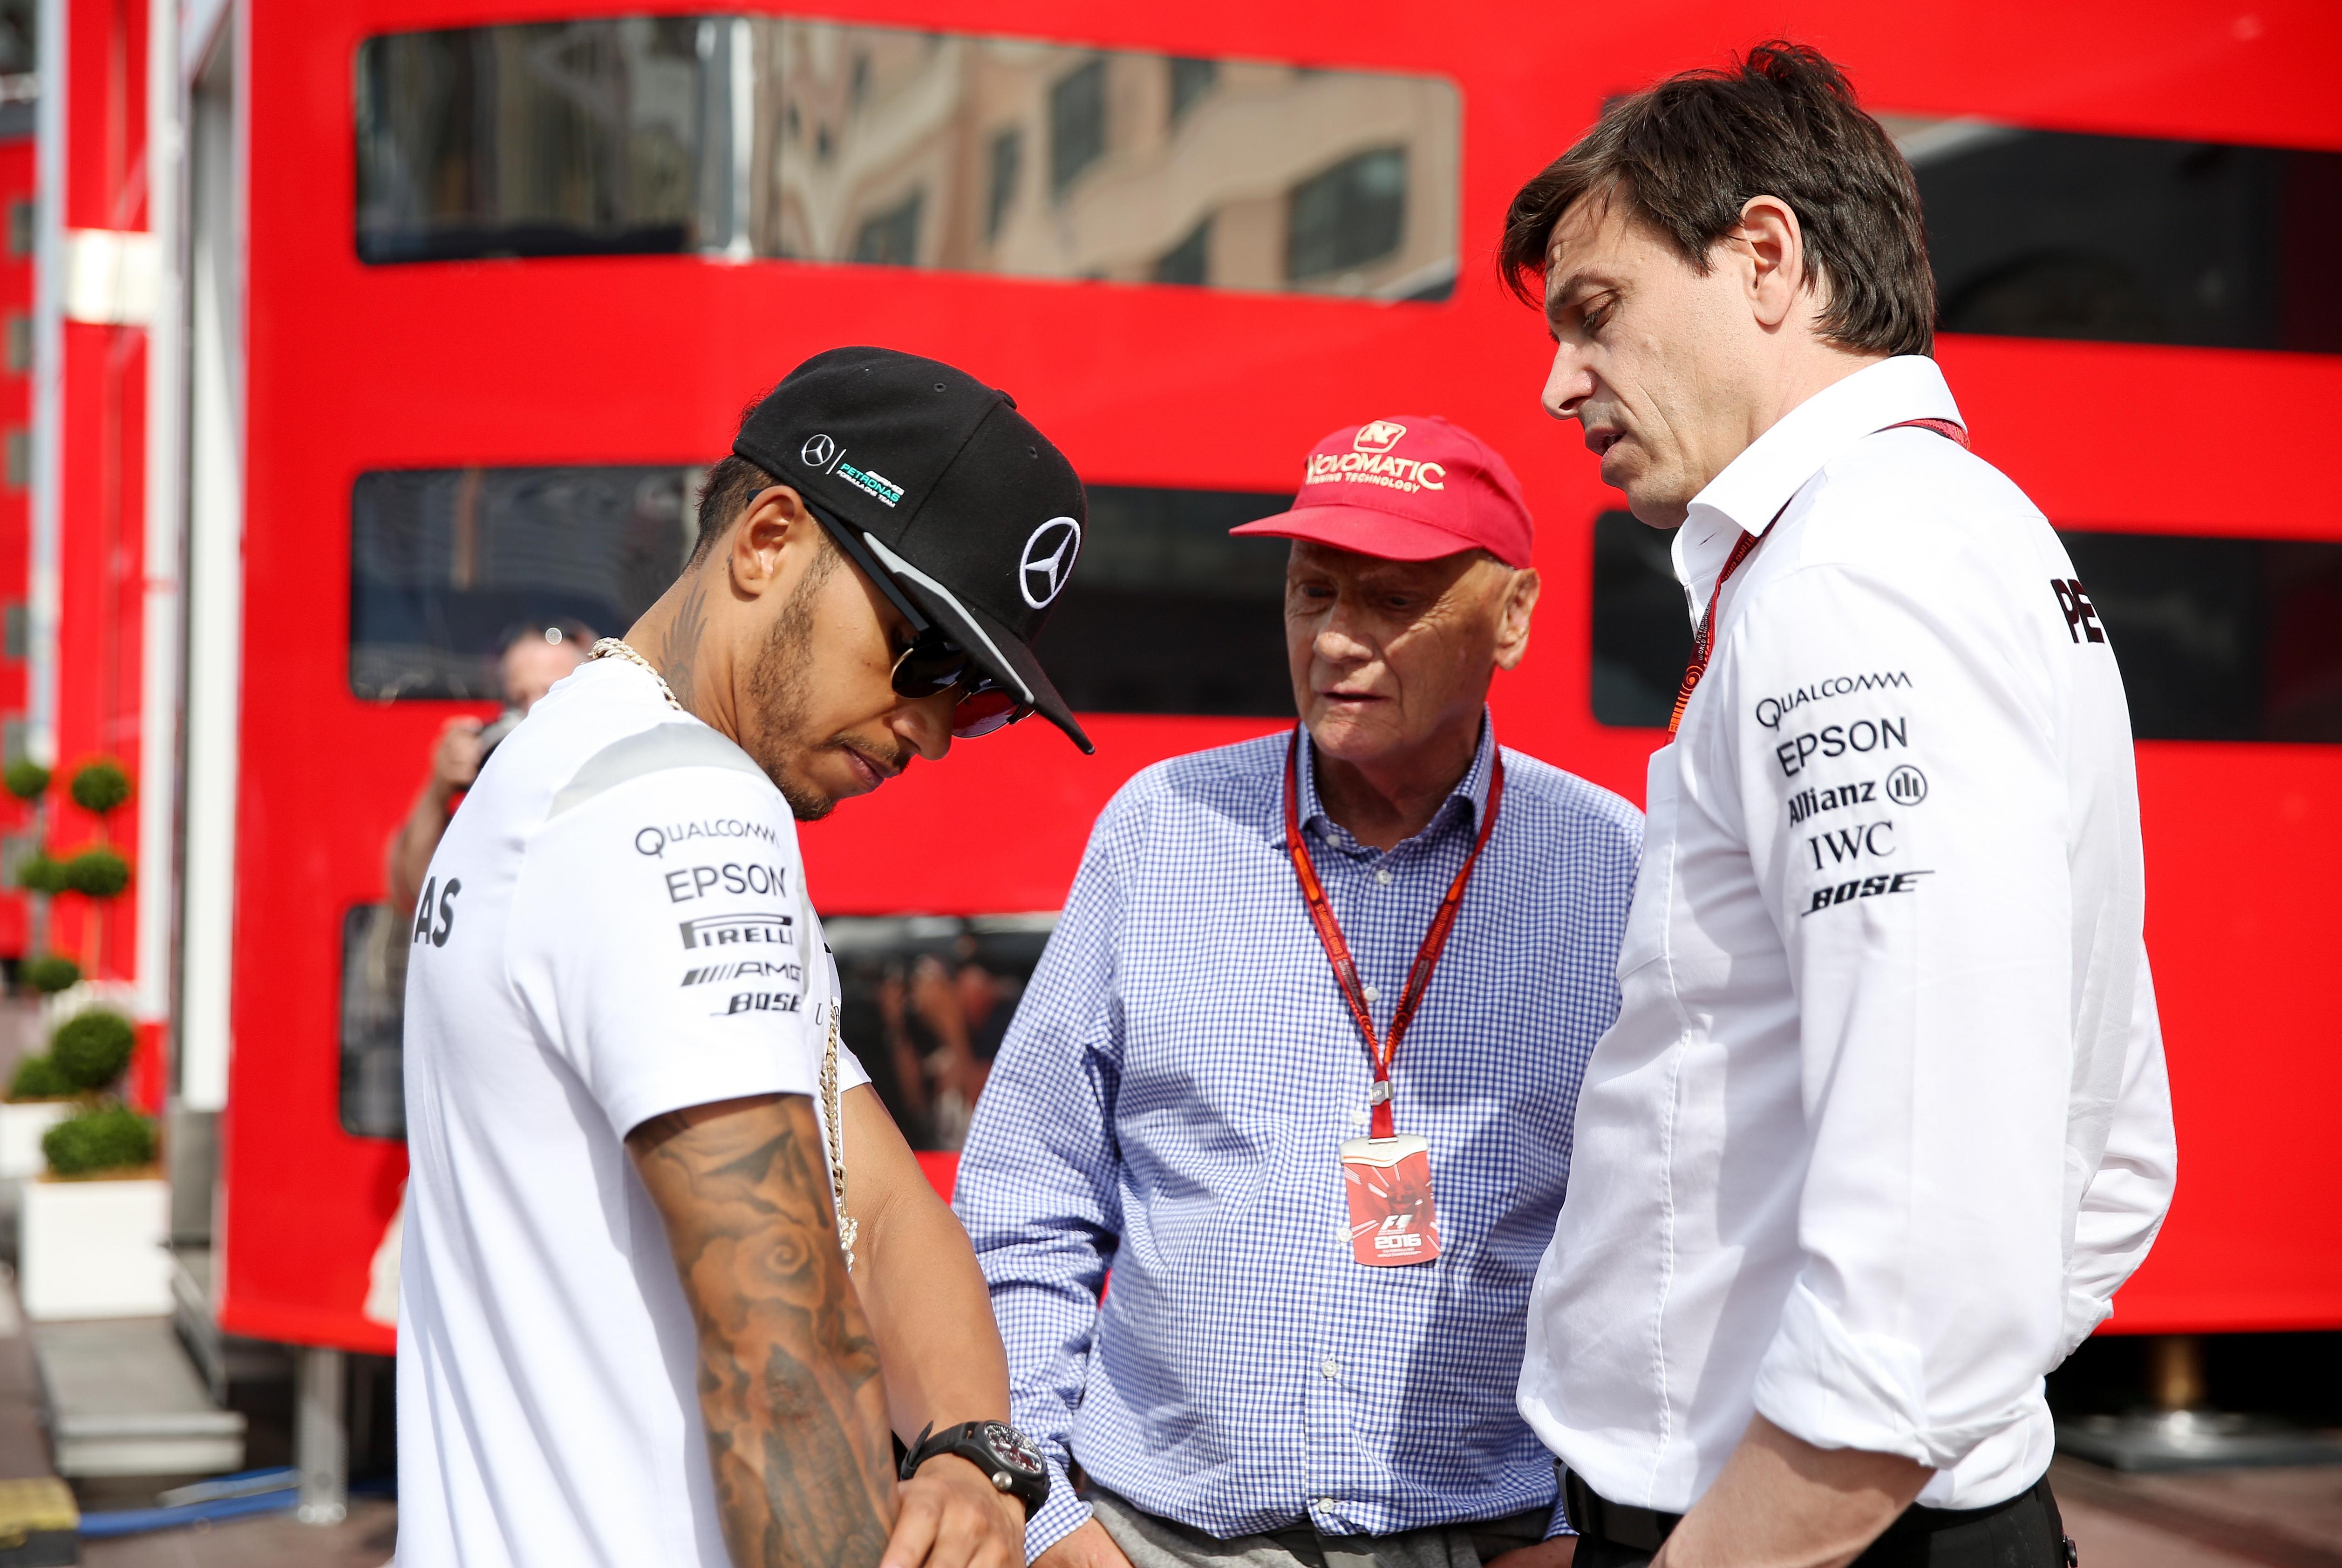 Lauda, centre, was instrumental in Mercedes hiring Lewis Hamilton, left, in 2013